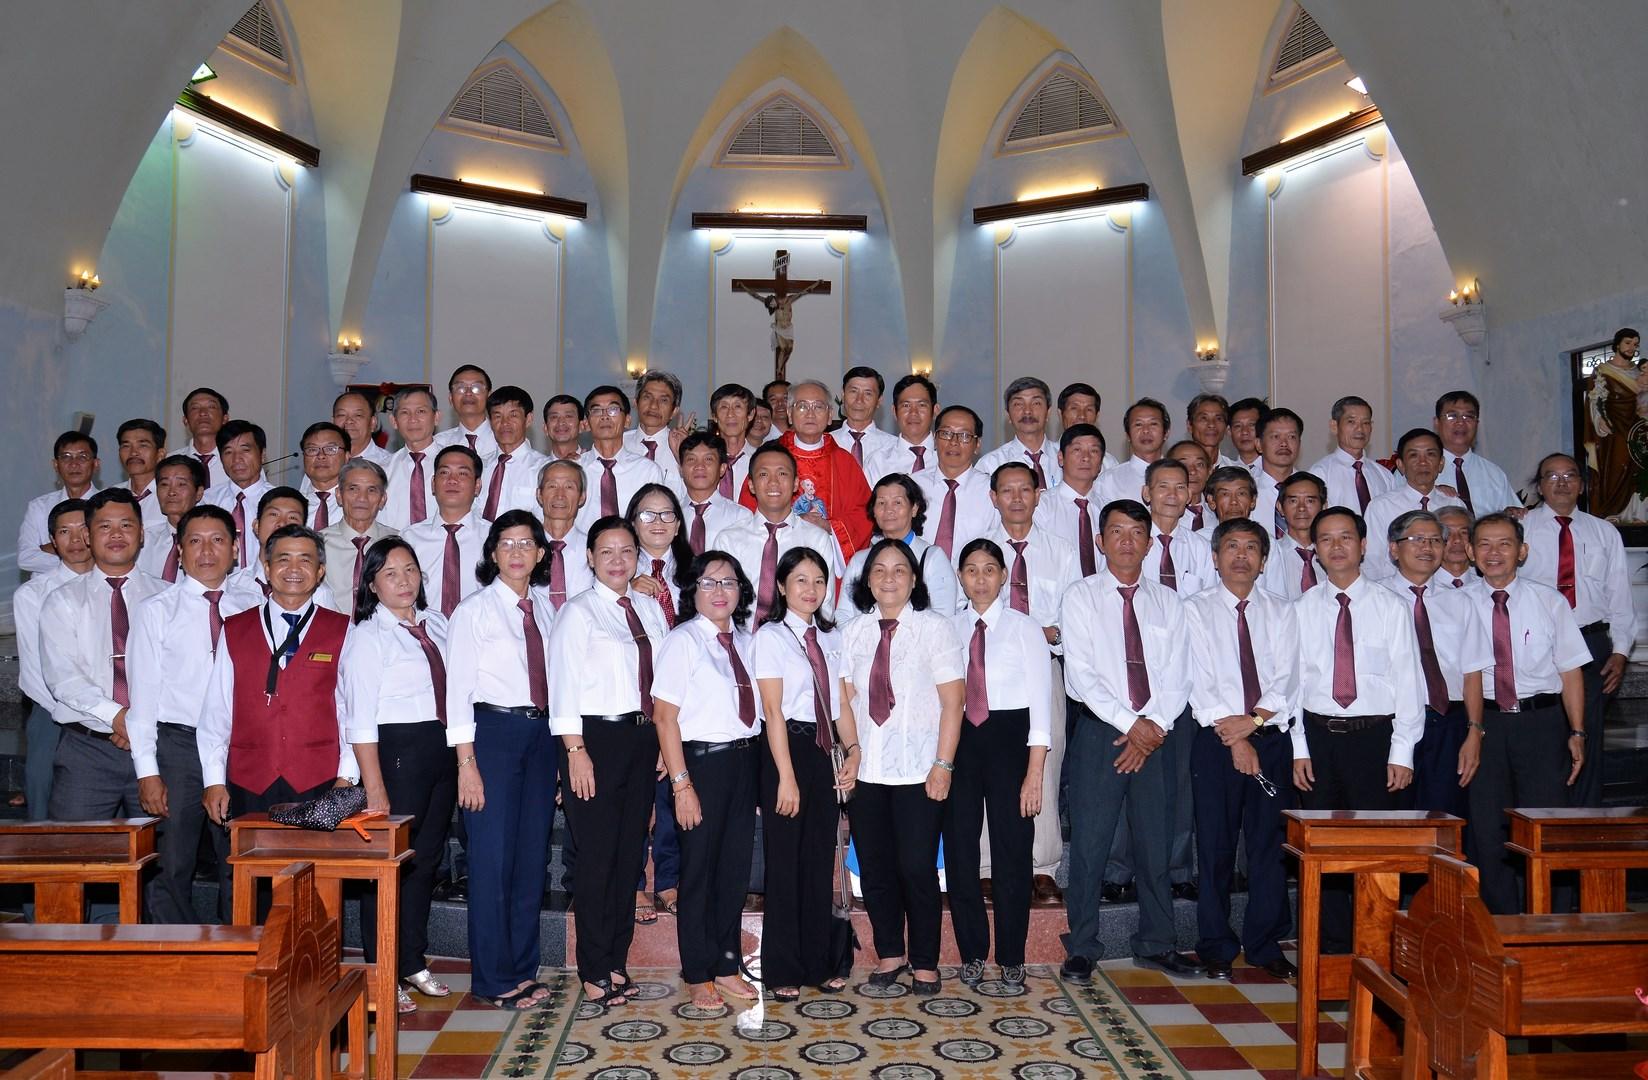 Hội đồng giáo xứ Tuy Hòa mừng lễ bổn mạng